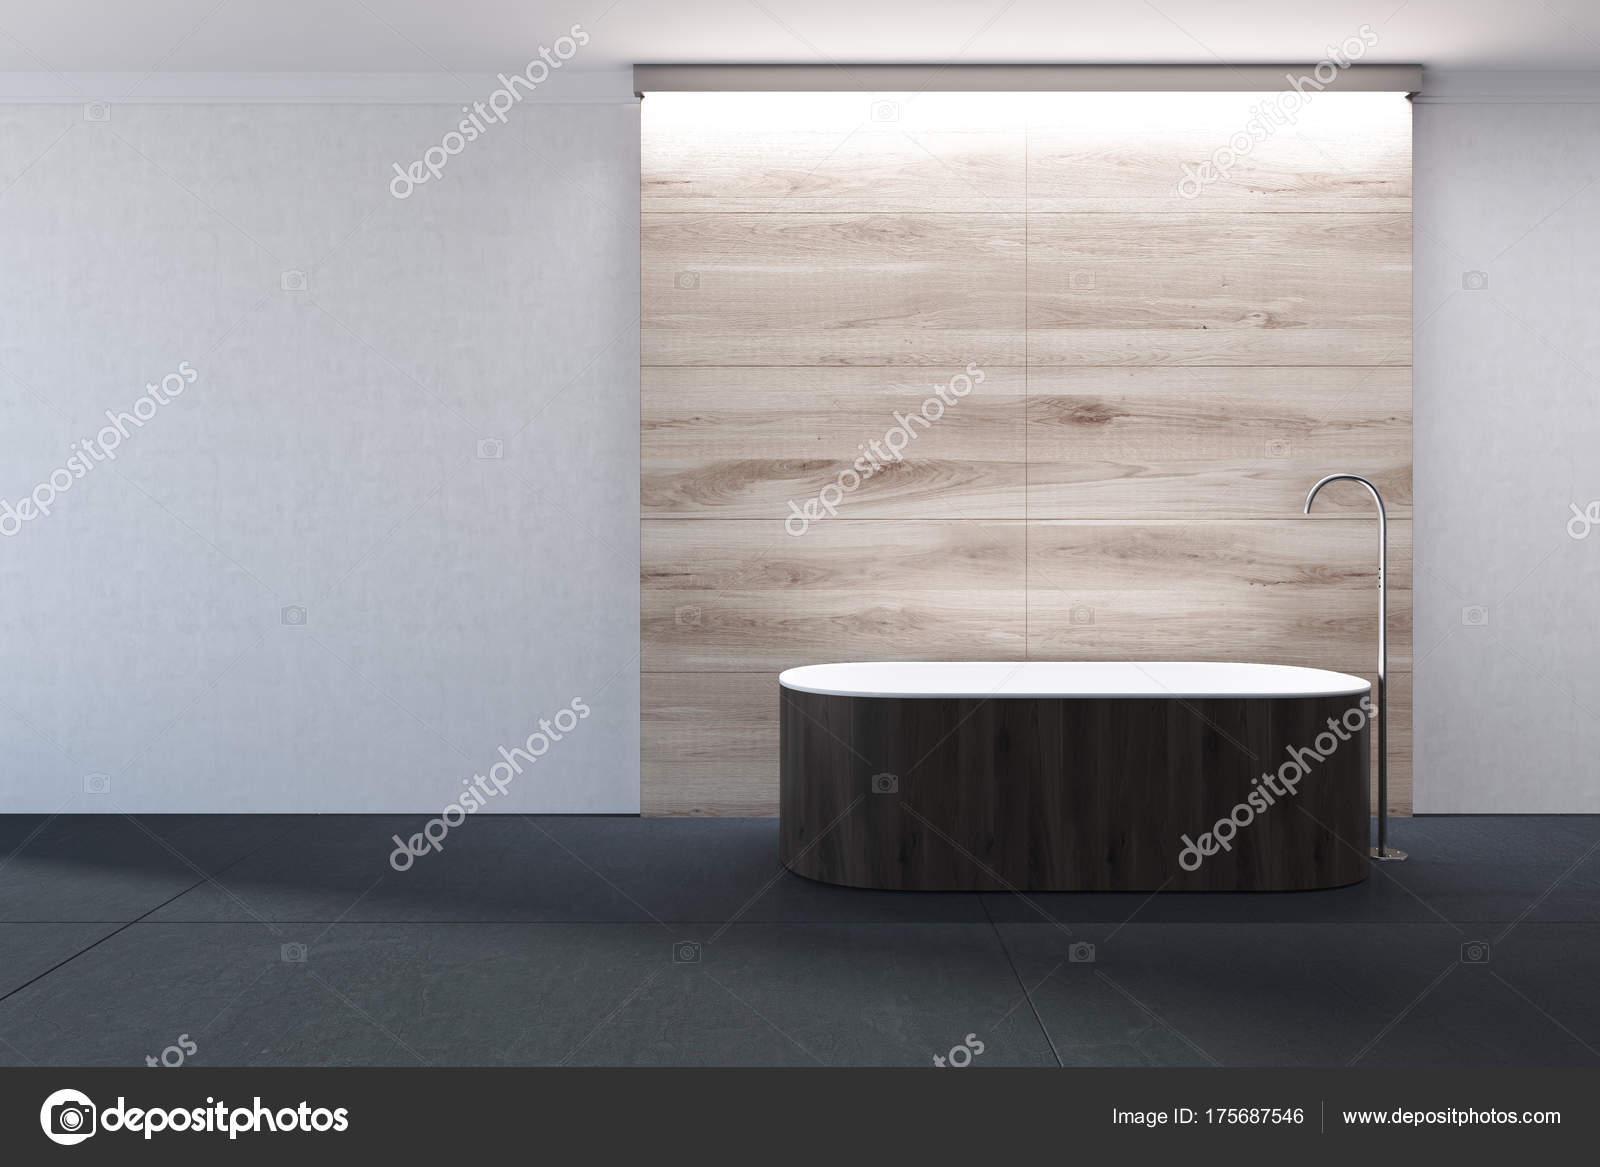 Weiß Und Holz Bad, Dunkle Badewanne U2014 Stockfoto